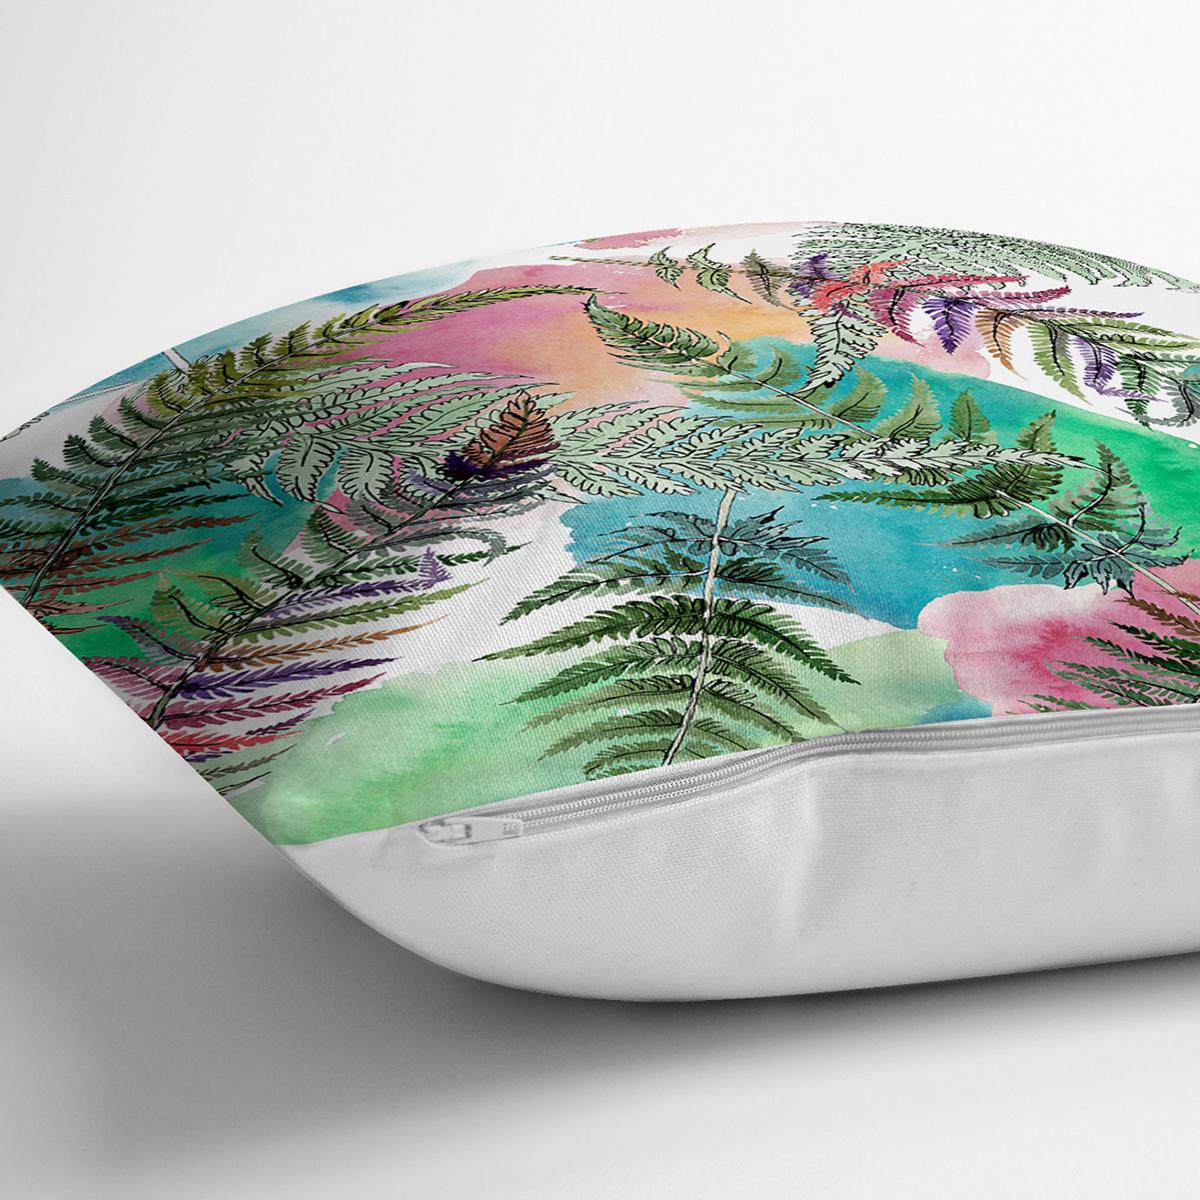 Beyaz Zemin Üzerinde Renkli Soyut Çizimli Yaprak Desenli Yastık Kırlent Kılıfı Realhomes